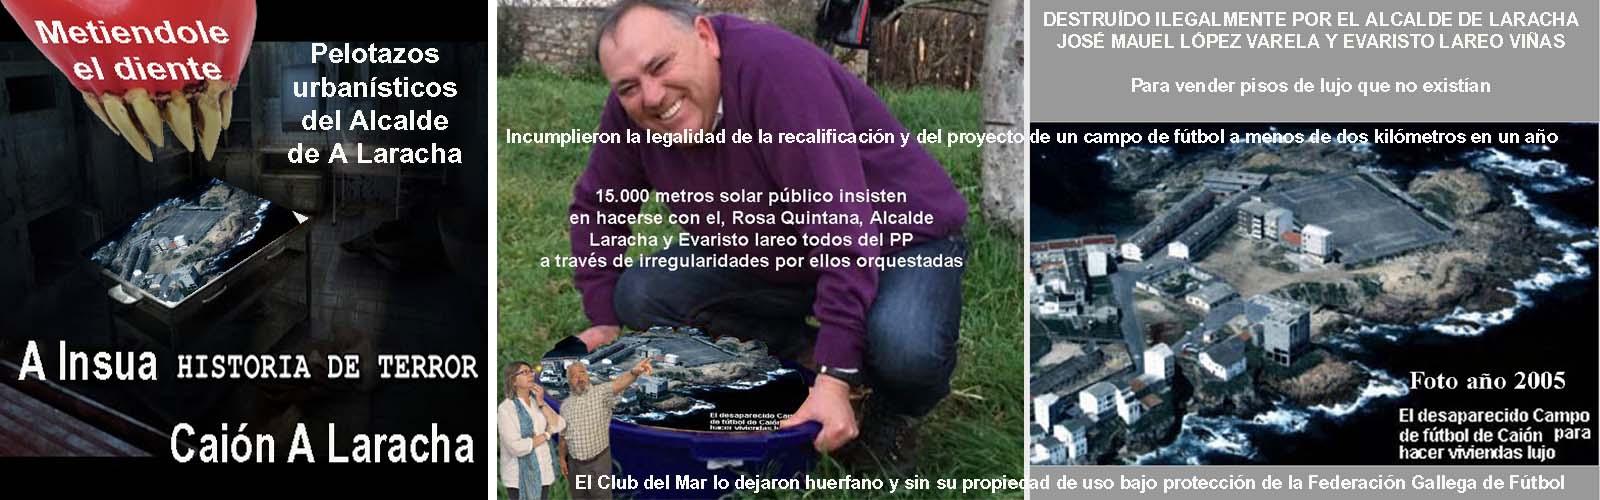 9d1f00fe4 El pelotazo urbanístico del solar da Insua en Caion ya fue recogido por los  diarios LA VOZ DE GALICIA